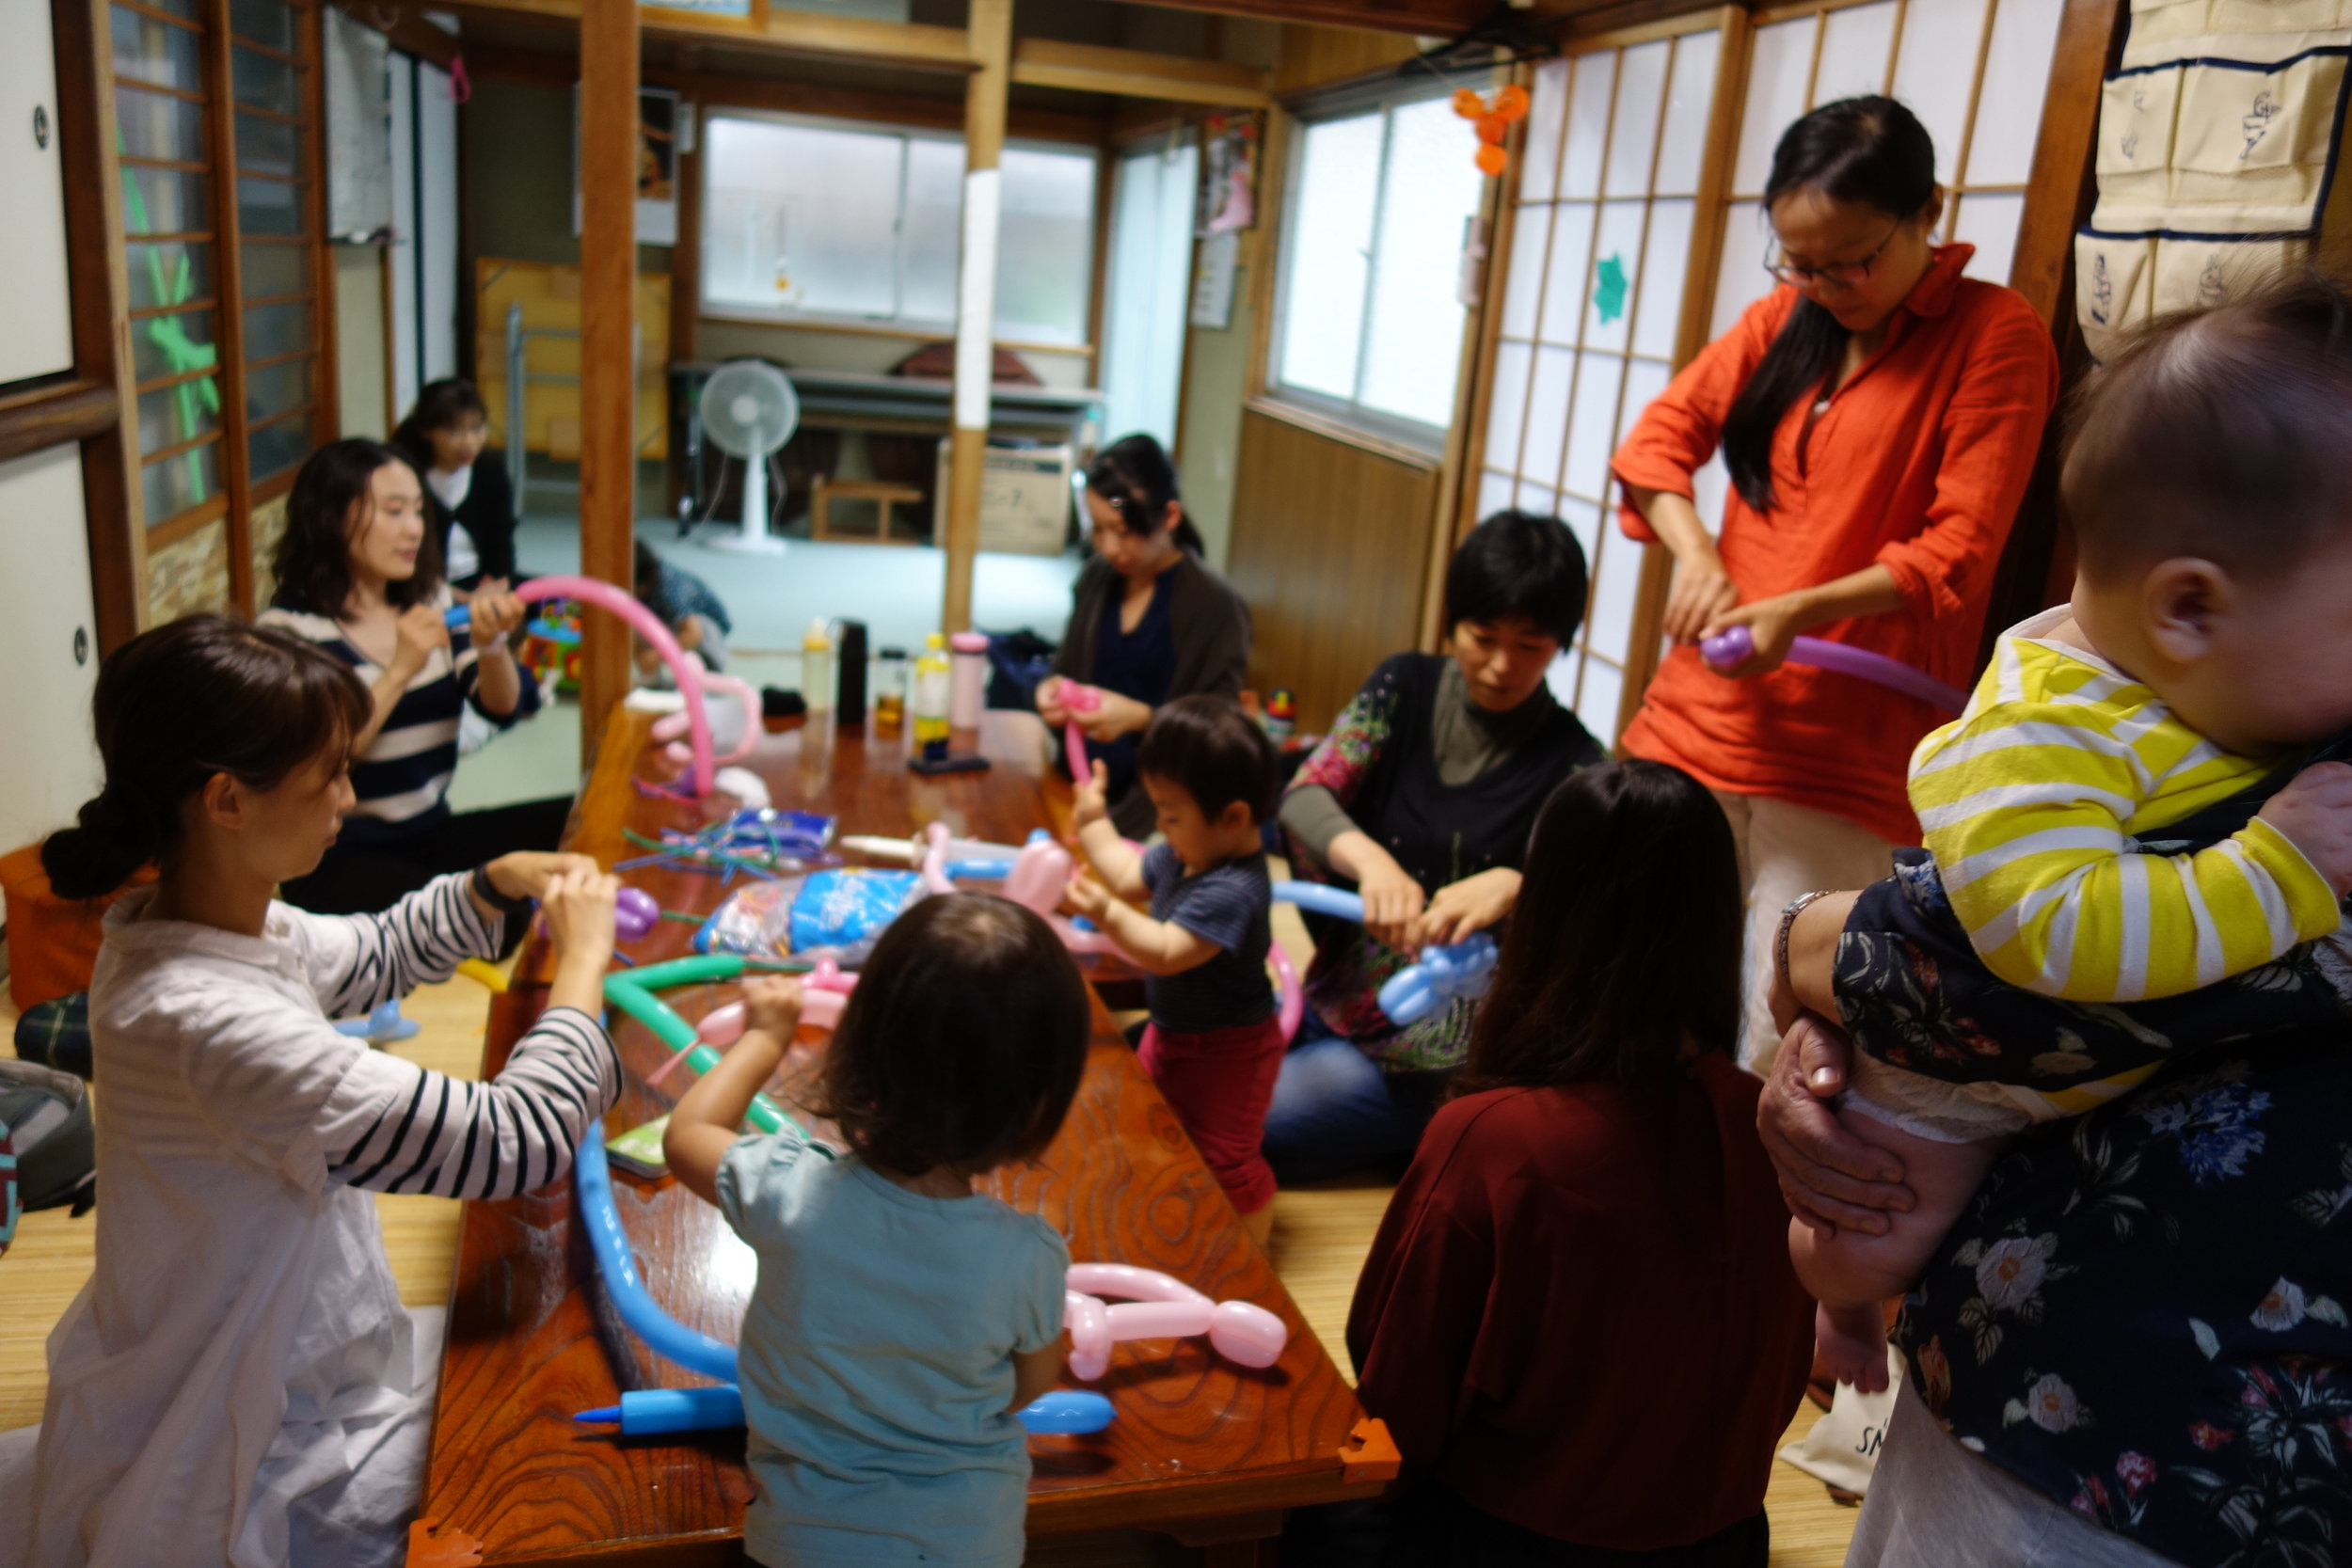 ばびぶ☆ベビー - 第2月曜日 10:00~14:00親子向けの子育てサロンです。季節ごとに様々なイベントを用意しています。